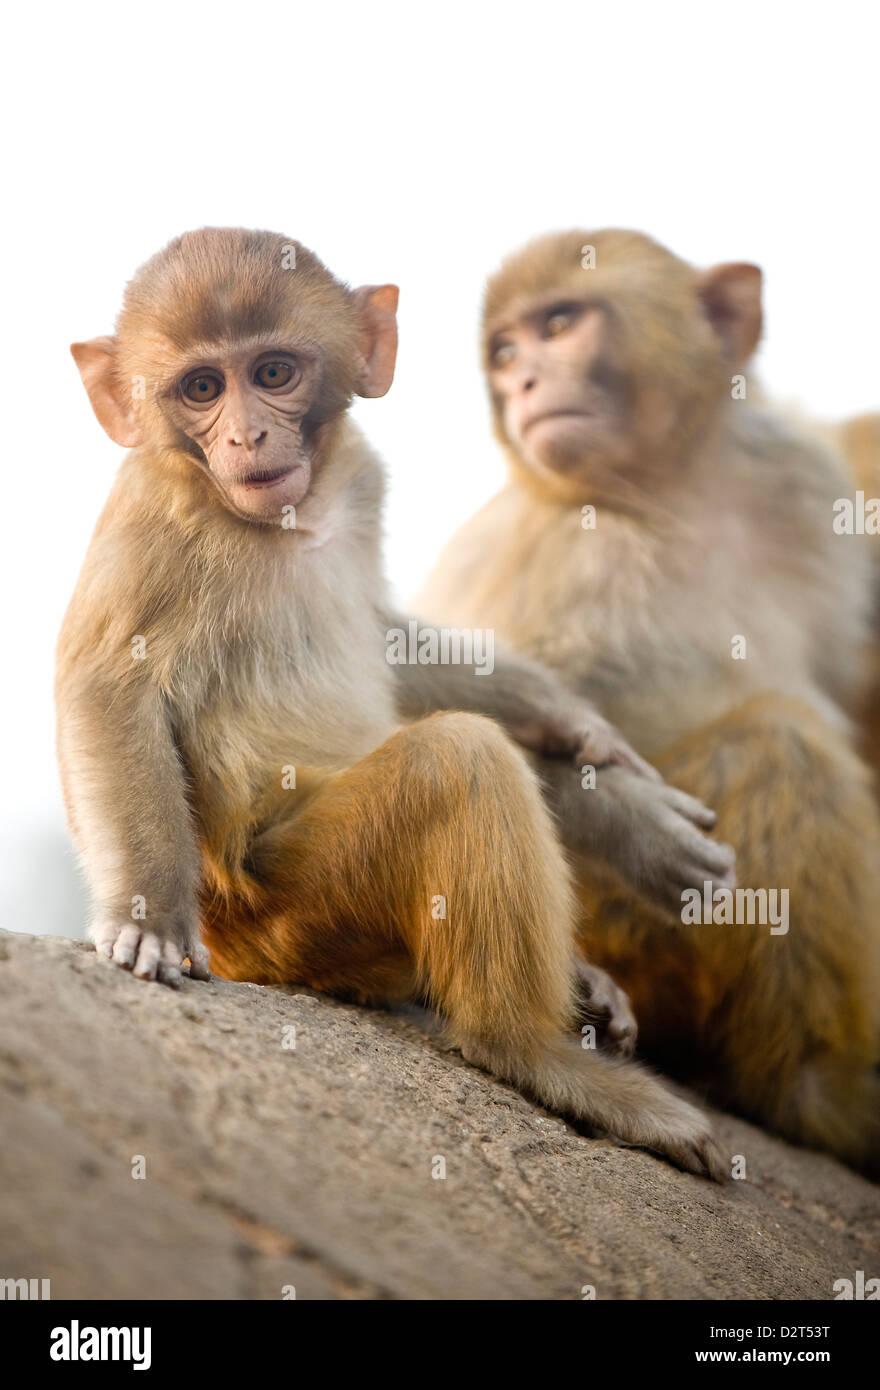 Monkeys at Pashupatinath Temple, Kathmandu, Nepal, Asia - Stock Image